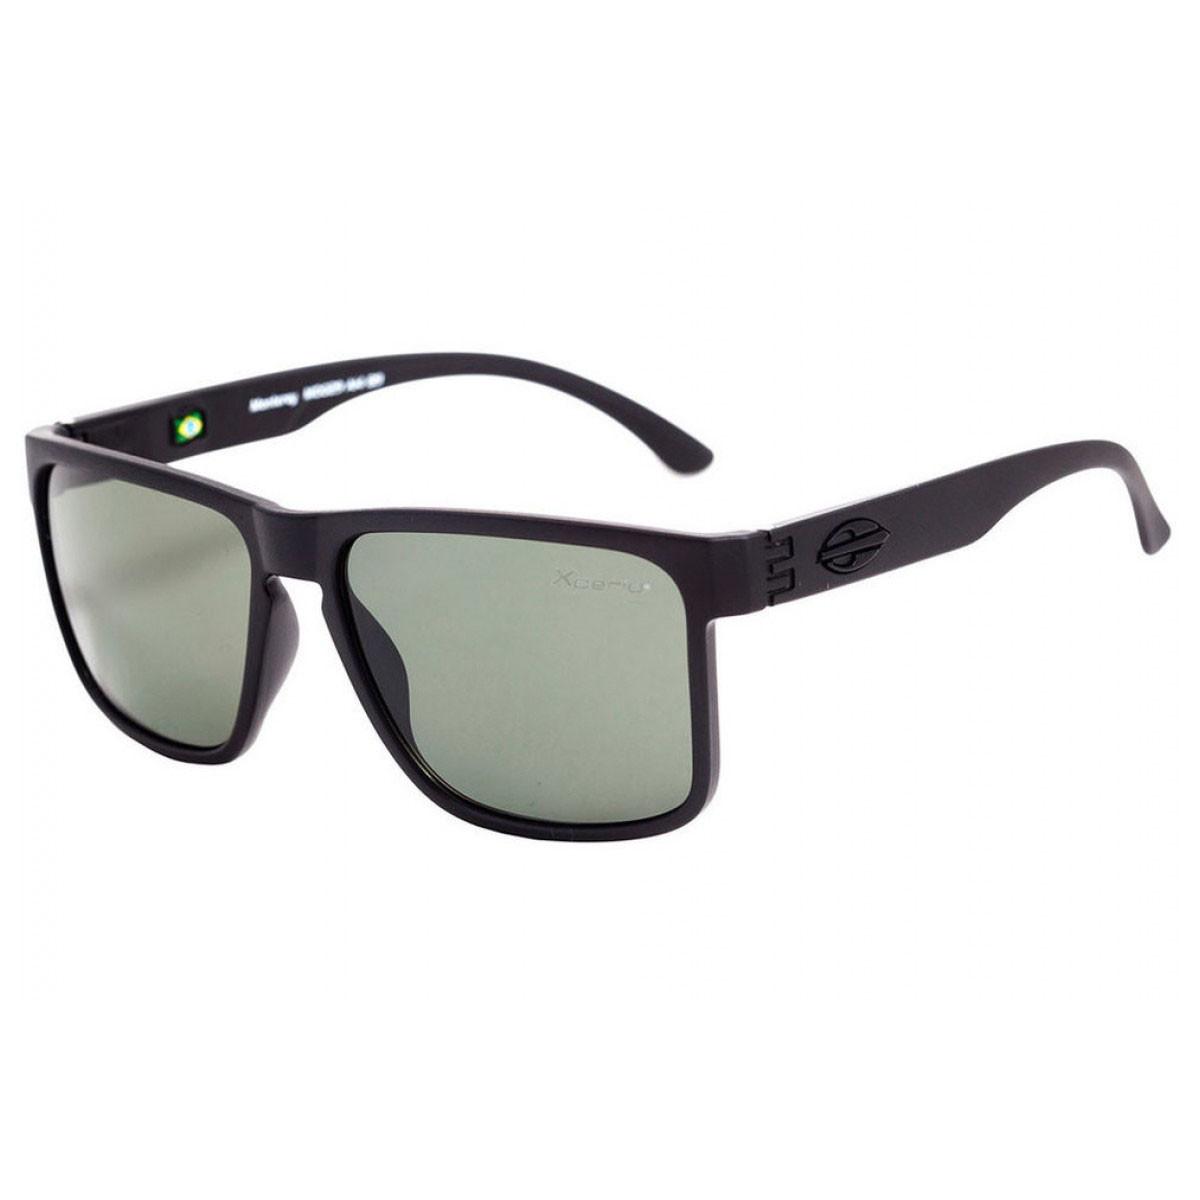 Óculos Mormaii Monterey Preto Fosco Lentes G15 Polarizada ref M0029A1489 424e3c7caa